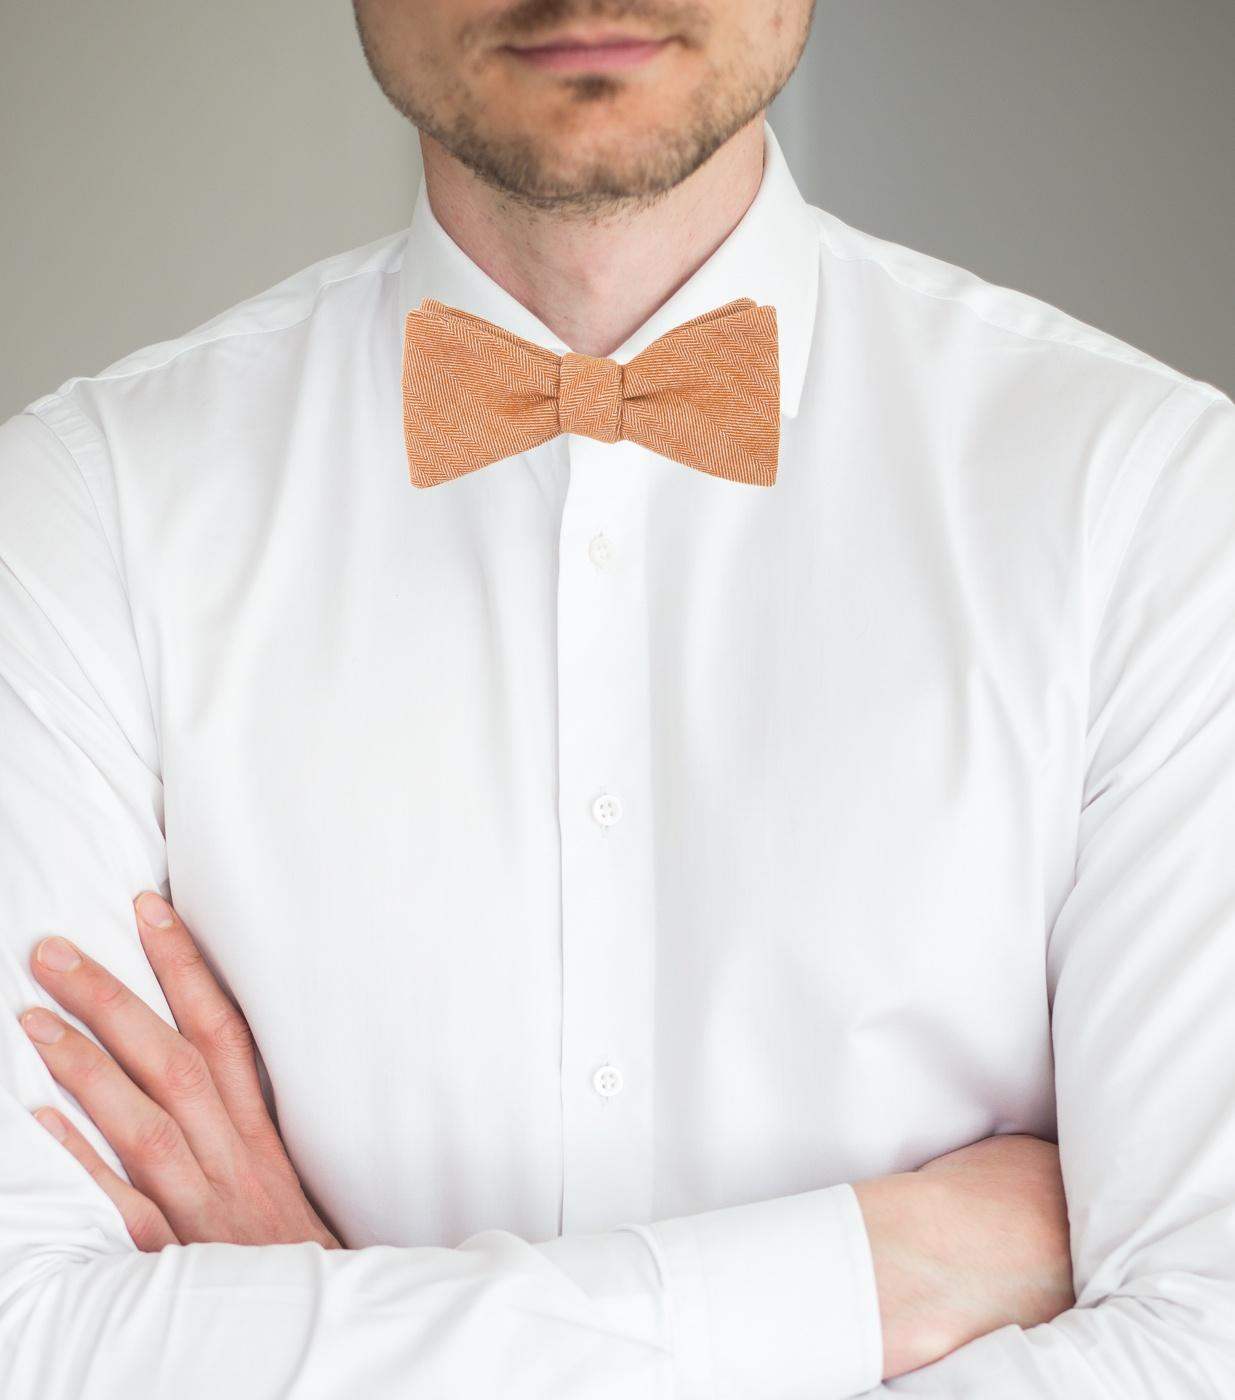 Nové svatební kravaty a motýlky - Obrázek č. 9